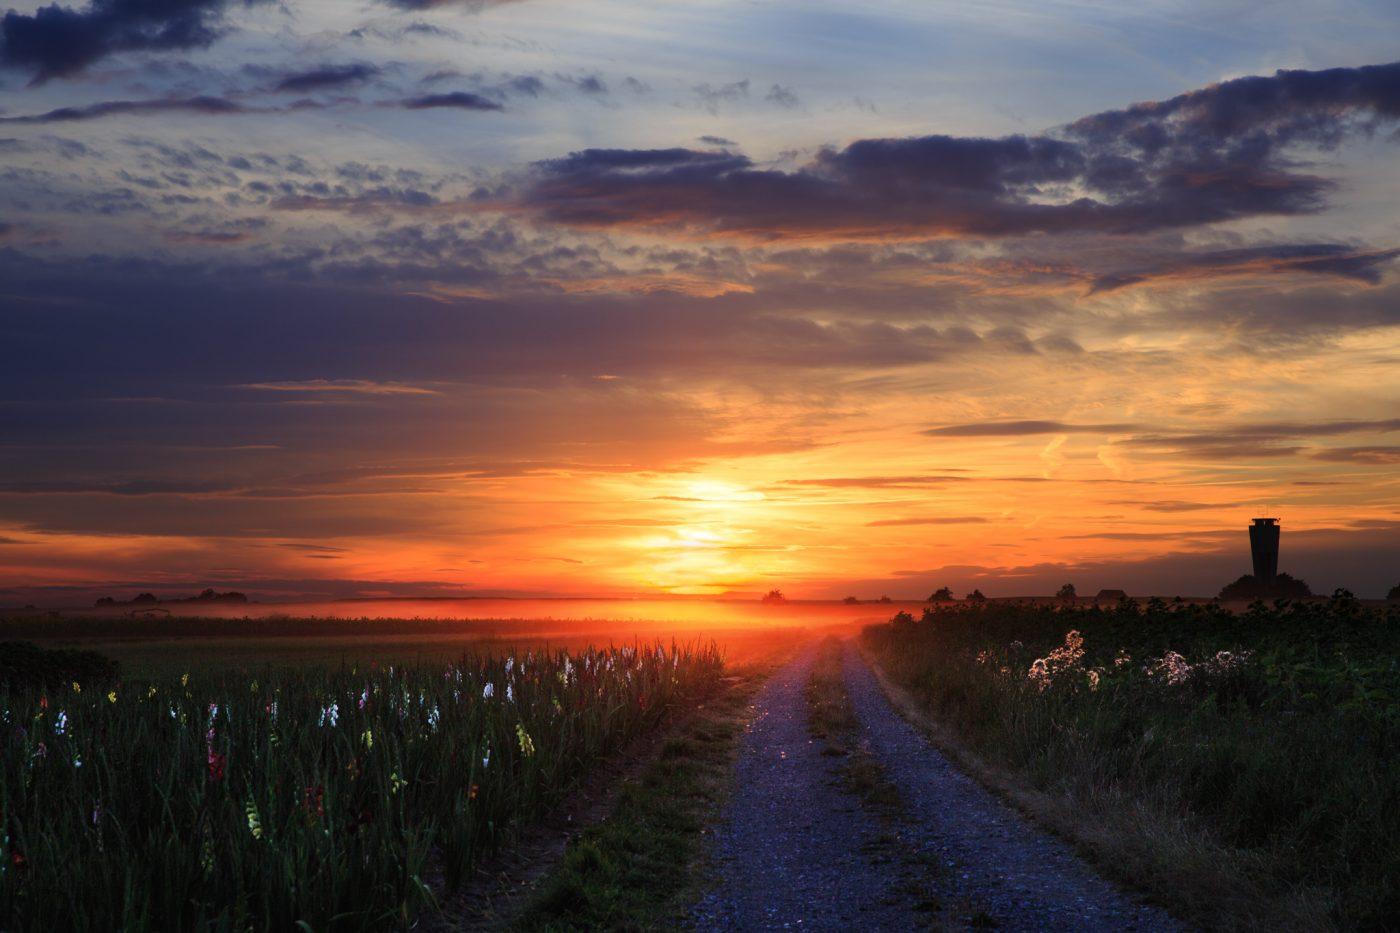 Sonnenuntergang in Altdorf auf dem Feld, Gladiolen